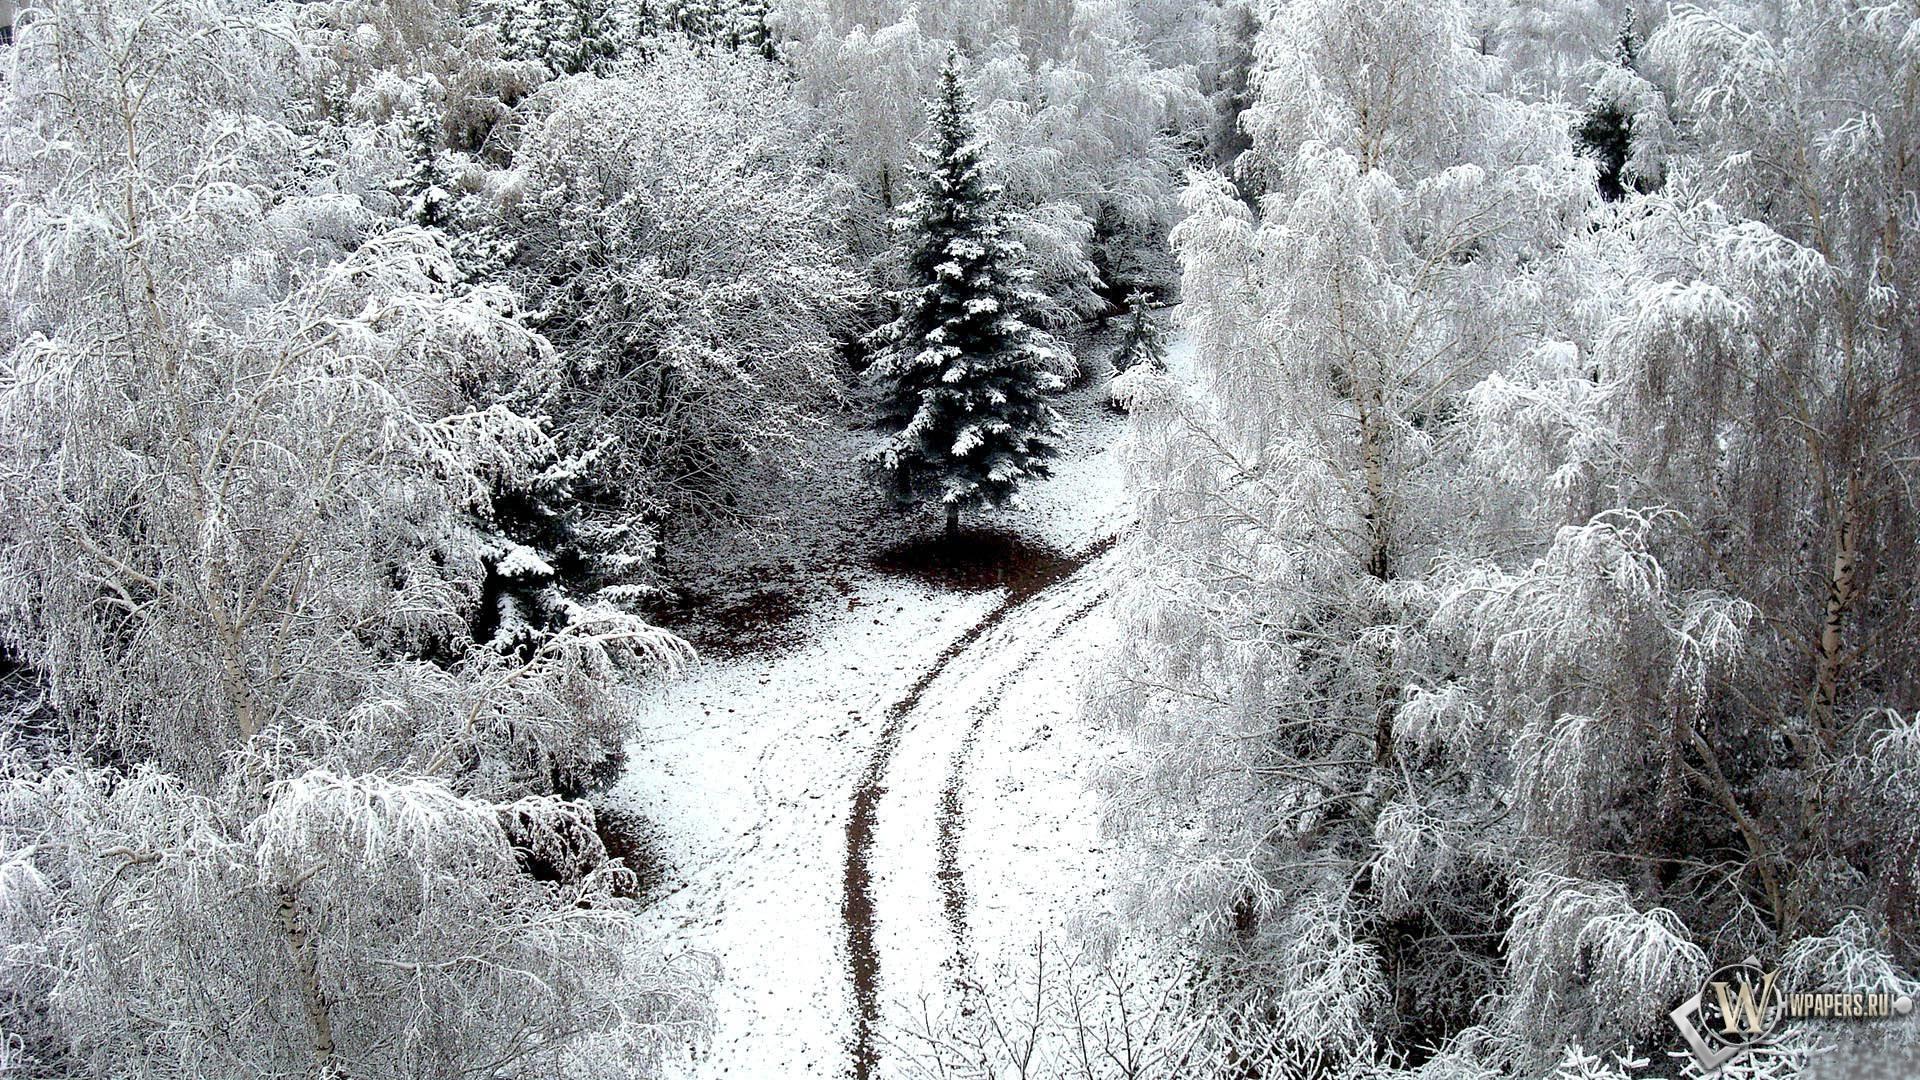 Зимний лес 1920x1080